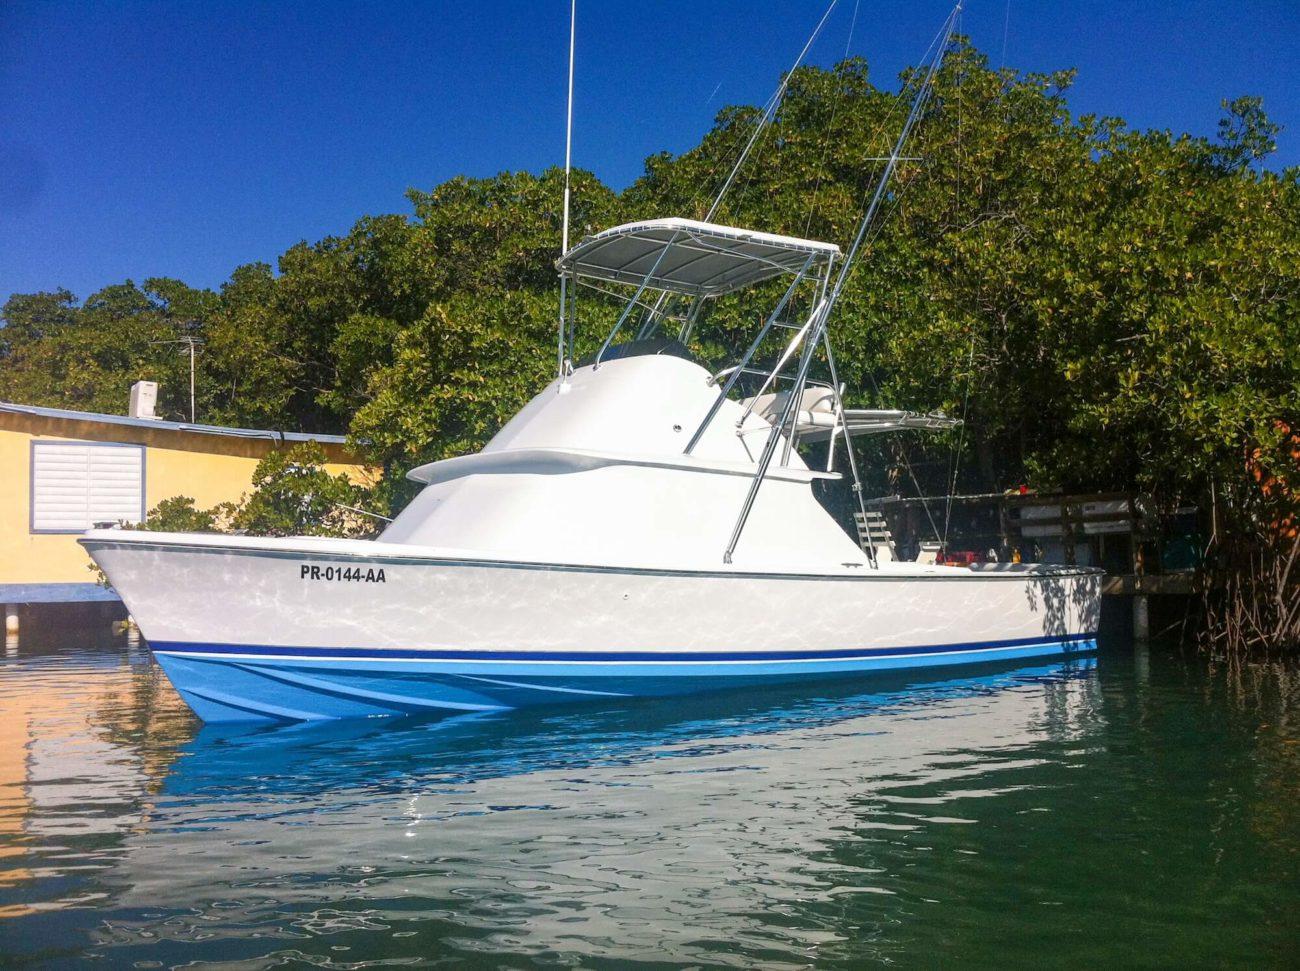 the boat MAREJA